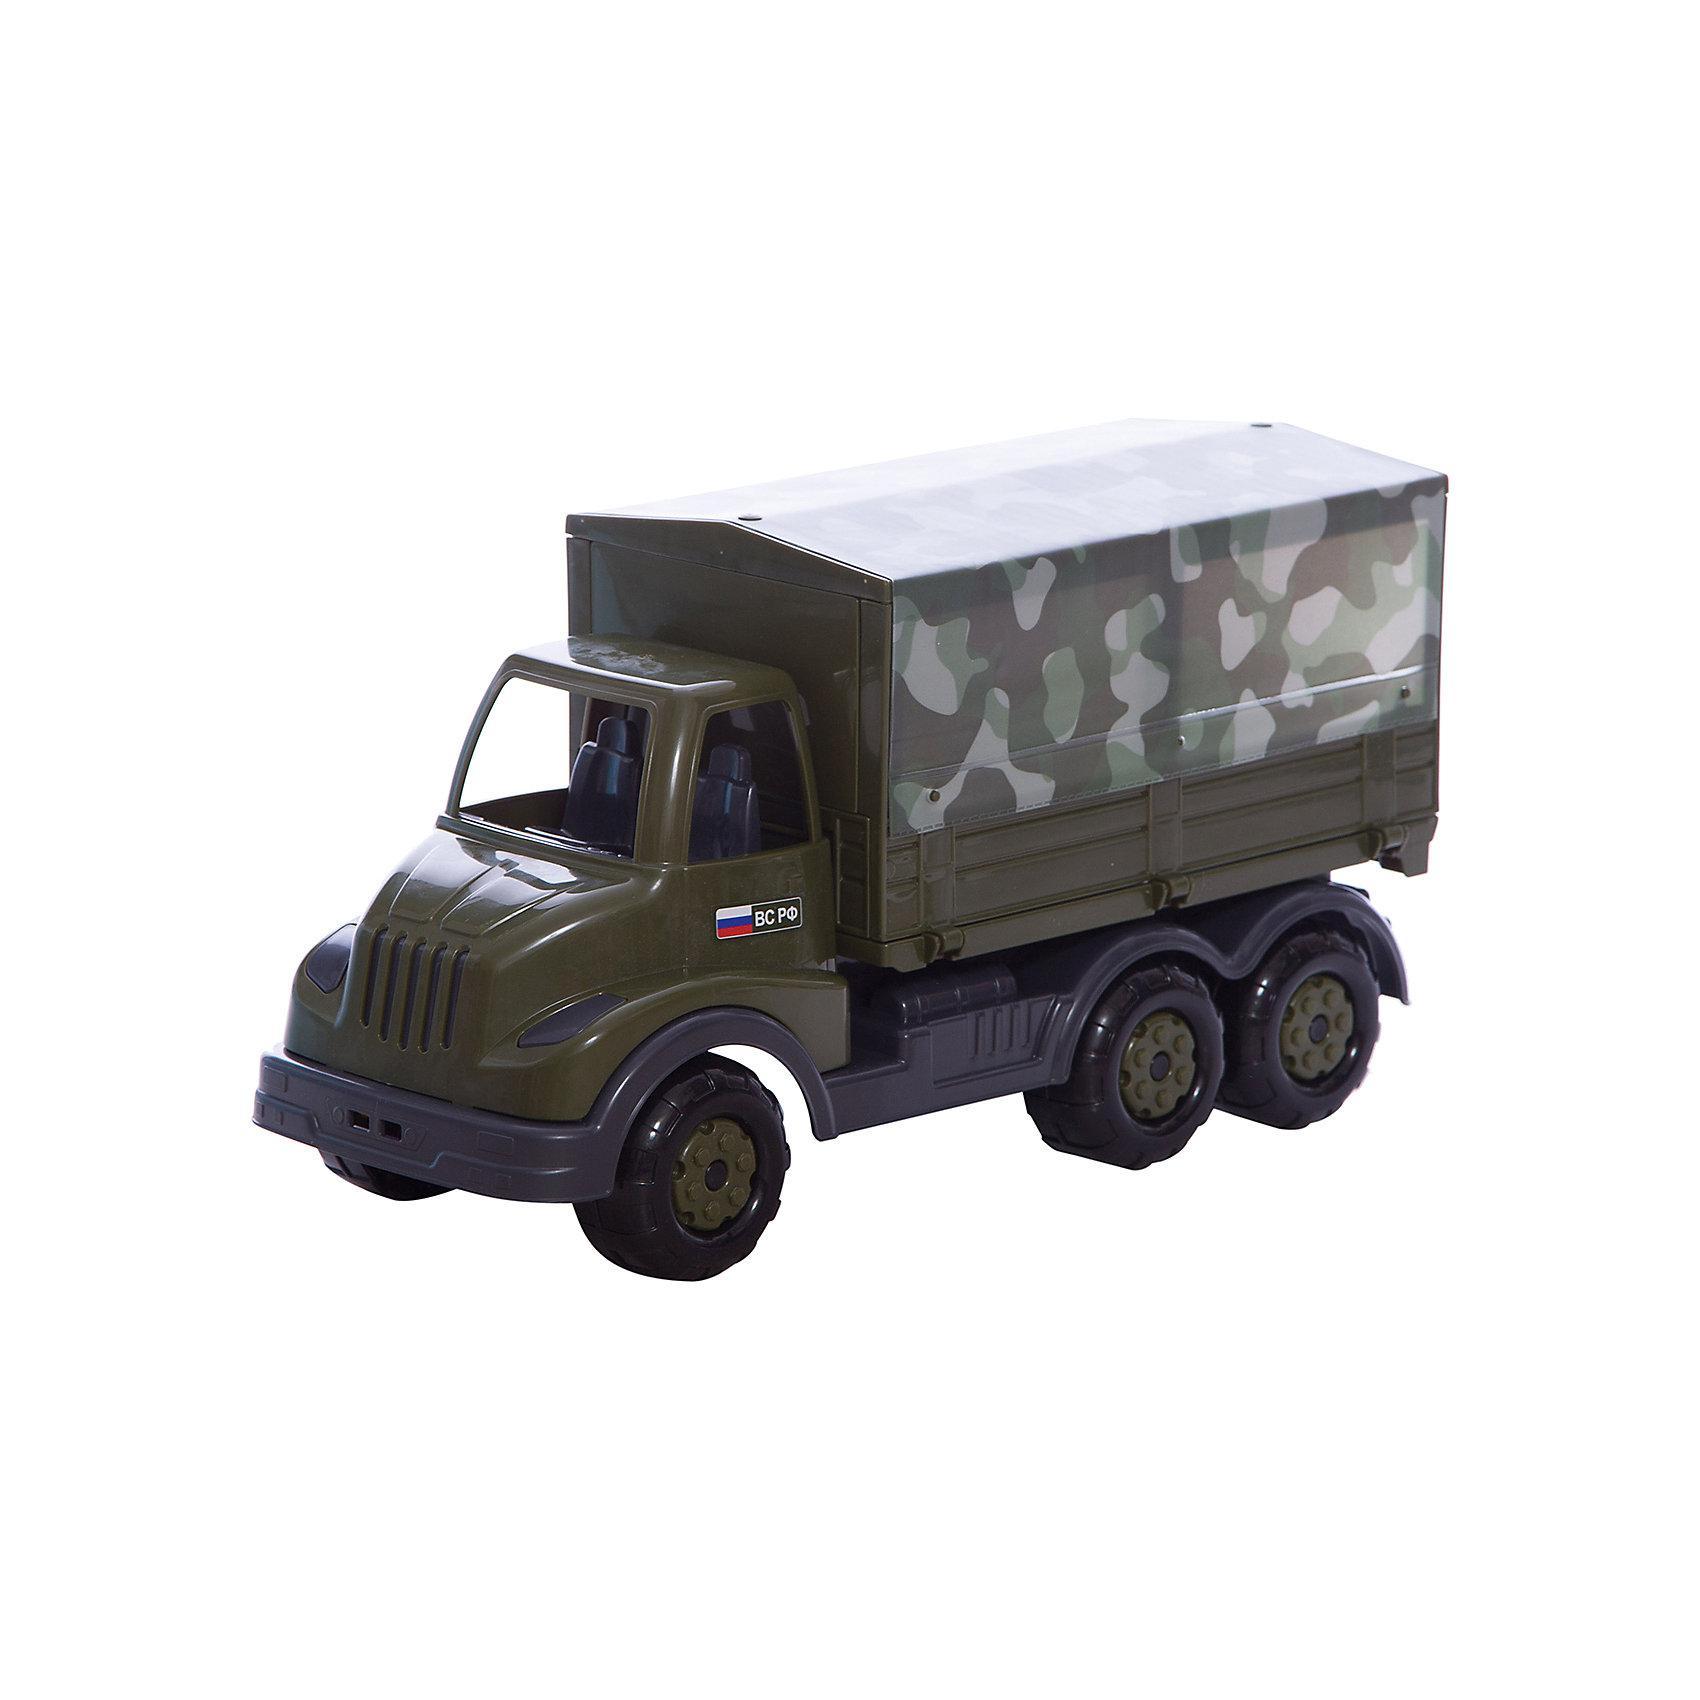 Автомобиль бортовой тентовый военный Муромец, ПолесьеМашинки<br>Характеристики товара:<br><br>• возраст: от 3 лет<br>• материал: пластик<br>• размер упаковки: 45х45х34 см.<br>• страна бренда: Беларусь.<br><br>Автомобиль военный для игр в песке, на свежем воздухе и в домашних условиях.<br><br>Автомобиль не имеет каких-либо острых углов и режущей кромки.<br><br>Автомобиль бортовой тентовый военный Муромец, Полесье можно купить в нашем интернет-магазине.<br><br>Ширина мм: 420<br>Глубина мм: 165<br>Высота мм: 225<br>Вес г: 780<br>Возраст от месяцев: 36<br>Возраст до месяцев: 2147483647<br>Пол: Мужской<br>Возраст: Детский<br>SKU: 6760752